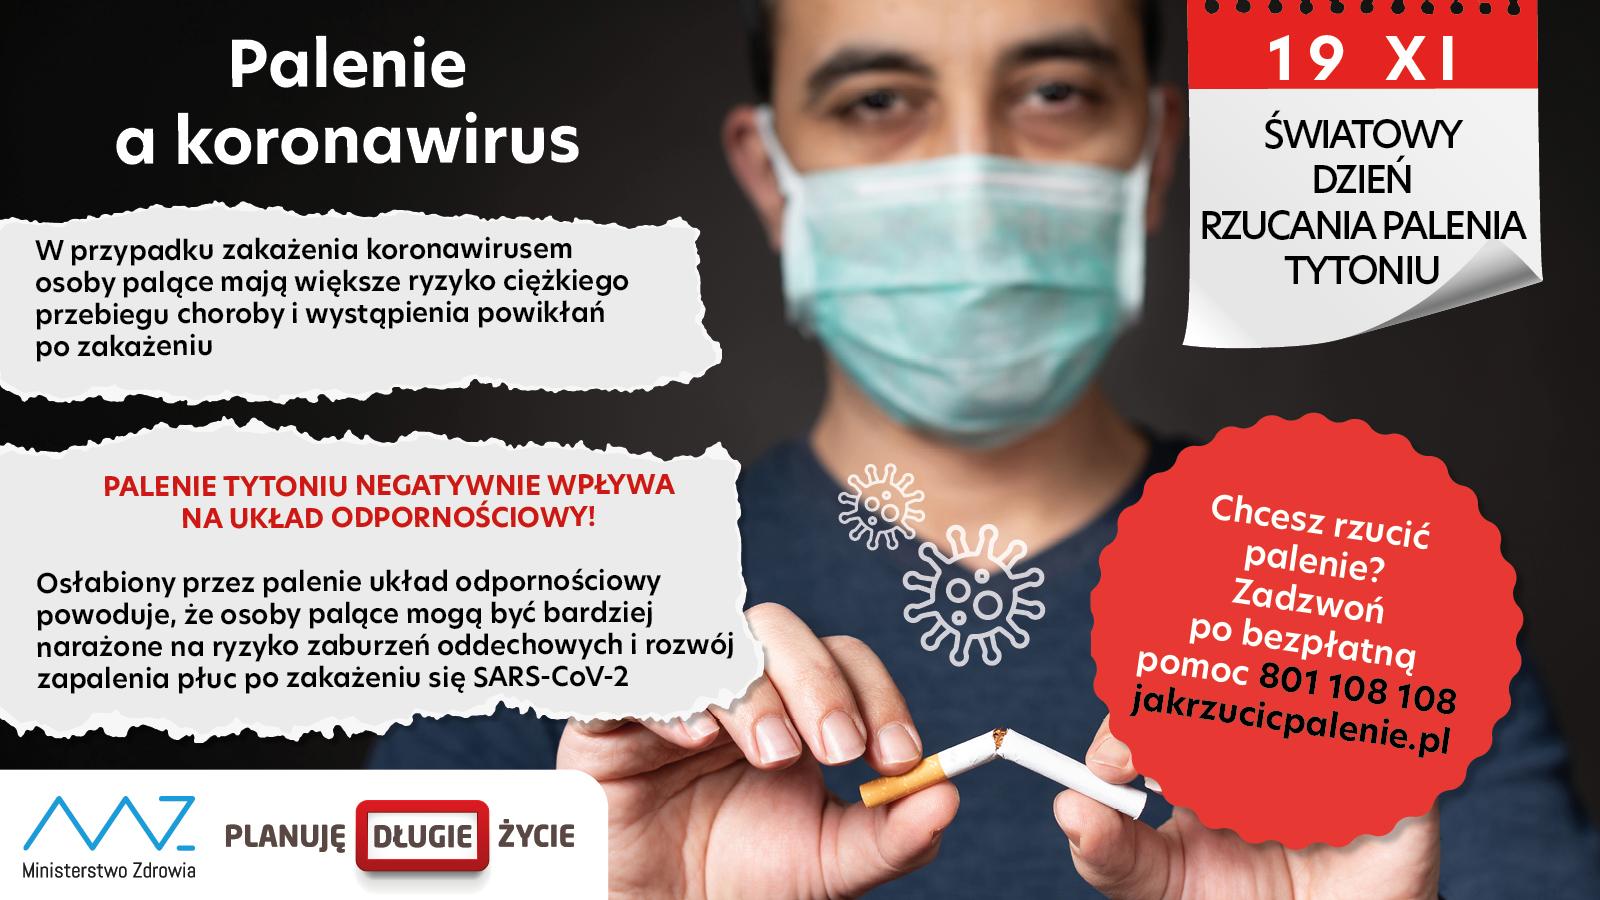 Palenie a koronawirus Rzuć palenie dzisiaj w Światowym Dniu Rzucania Palenia Tytoniu